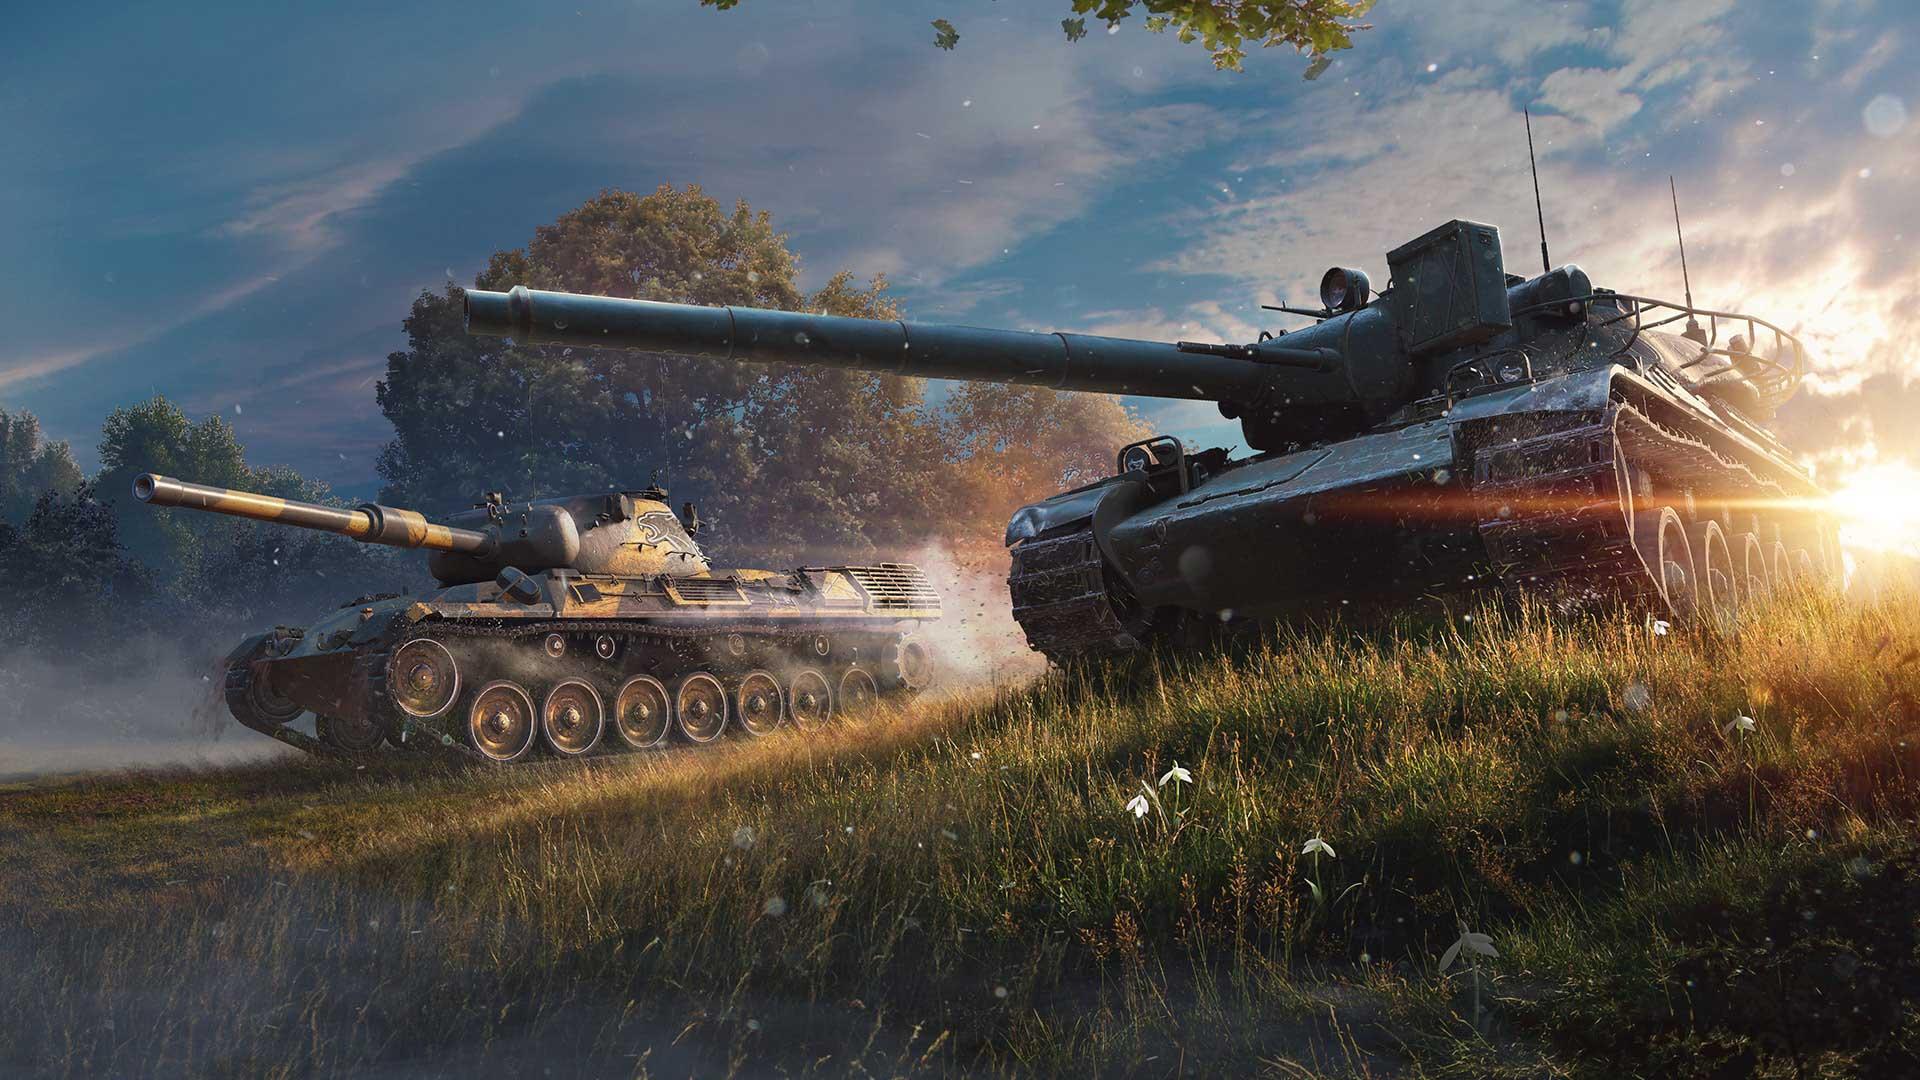 Wargaming Codes For World Of Tanks Bonus Invite 2020